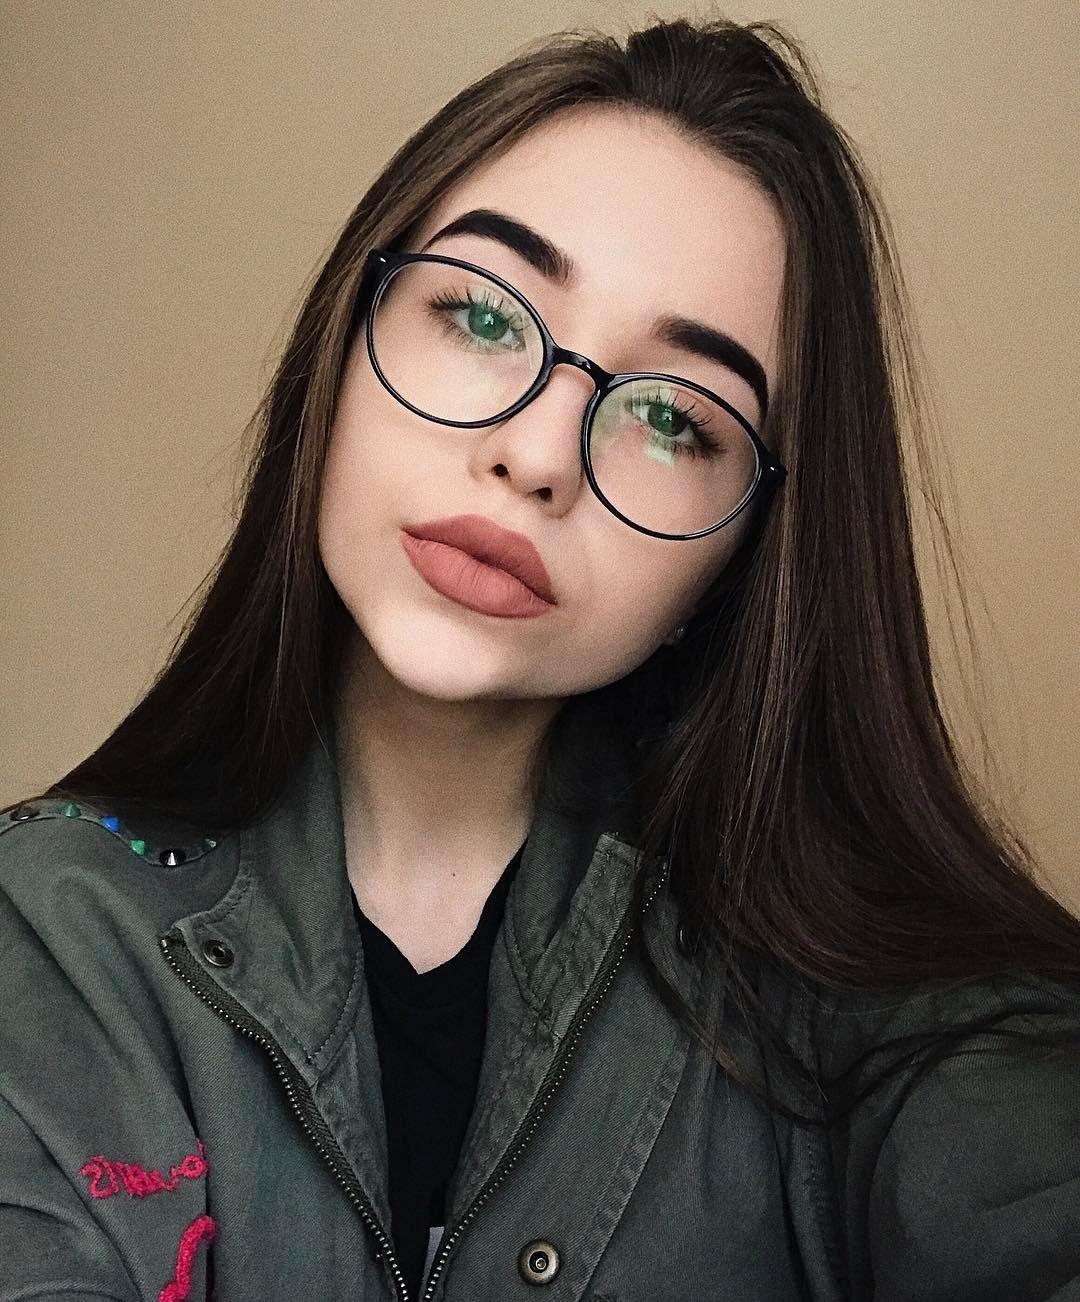 48680c4086c05 Tumblr de óculos Modelos De Óculos